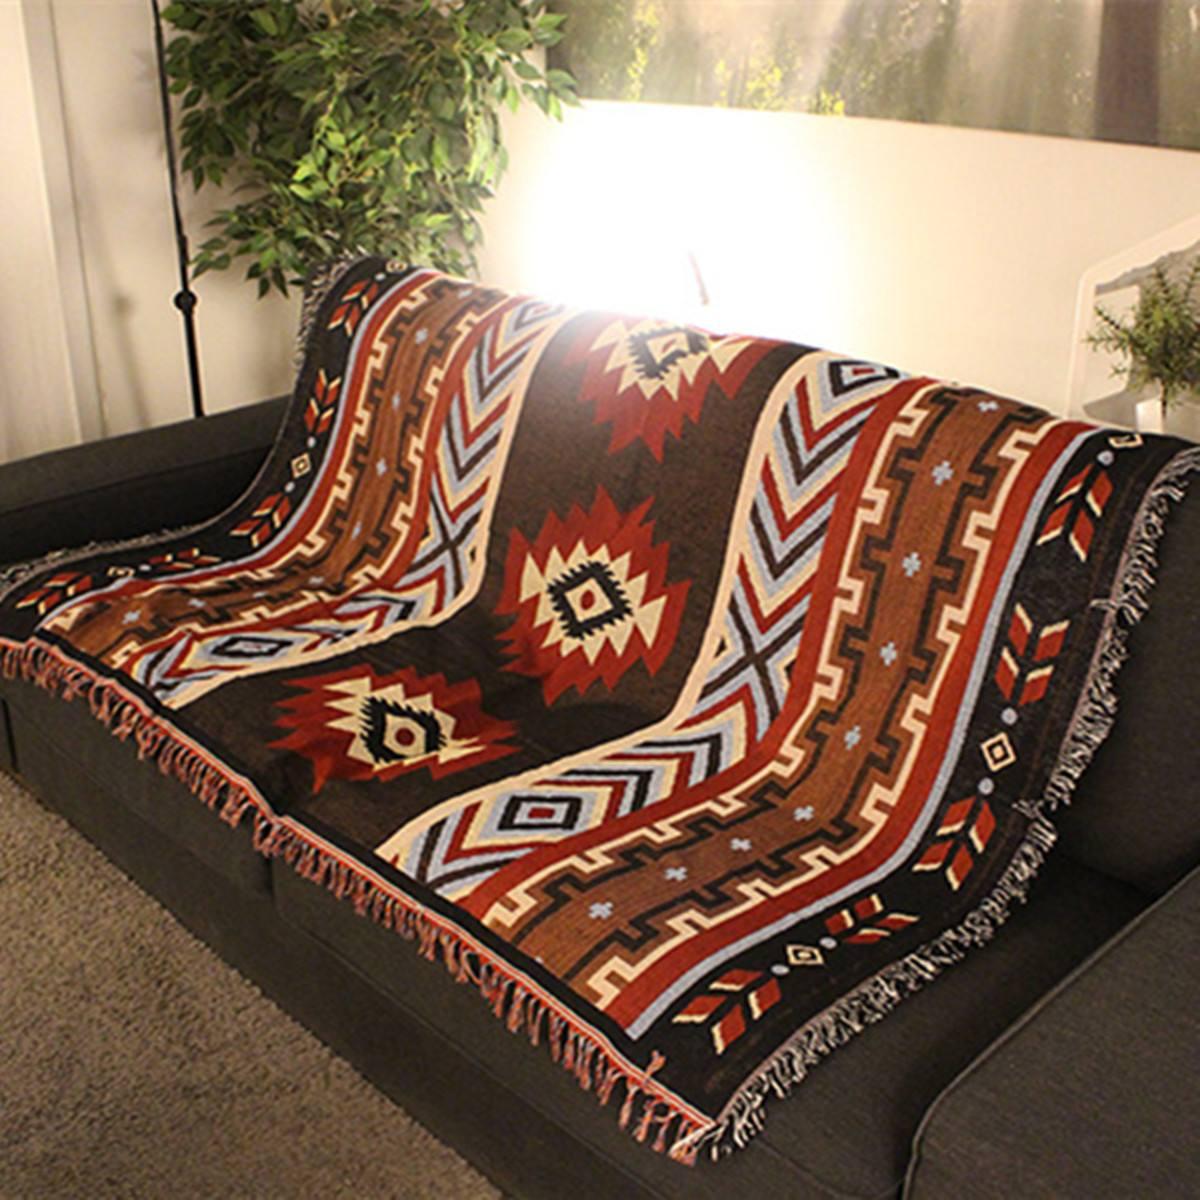 Manta azteca Navajo, Alfombra de algodón para colgar en la pared, alfombra, toalla tejida, Textiles geométricos, ropa de cama, decoración del hogar 130x160cm